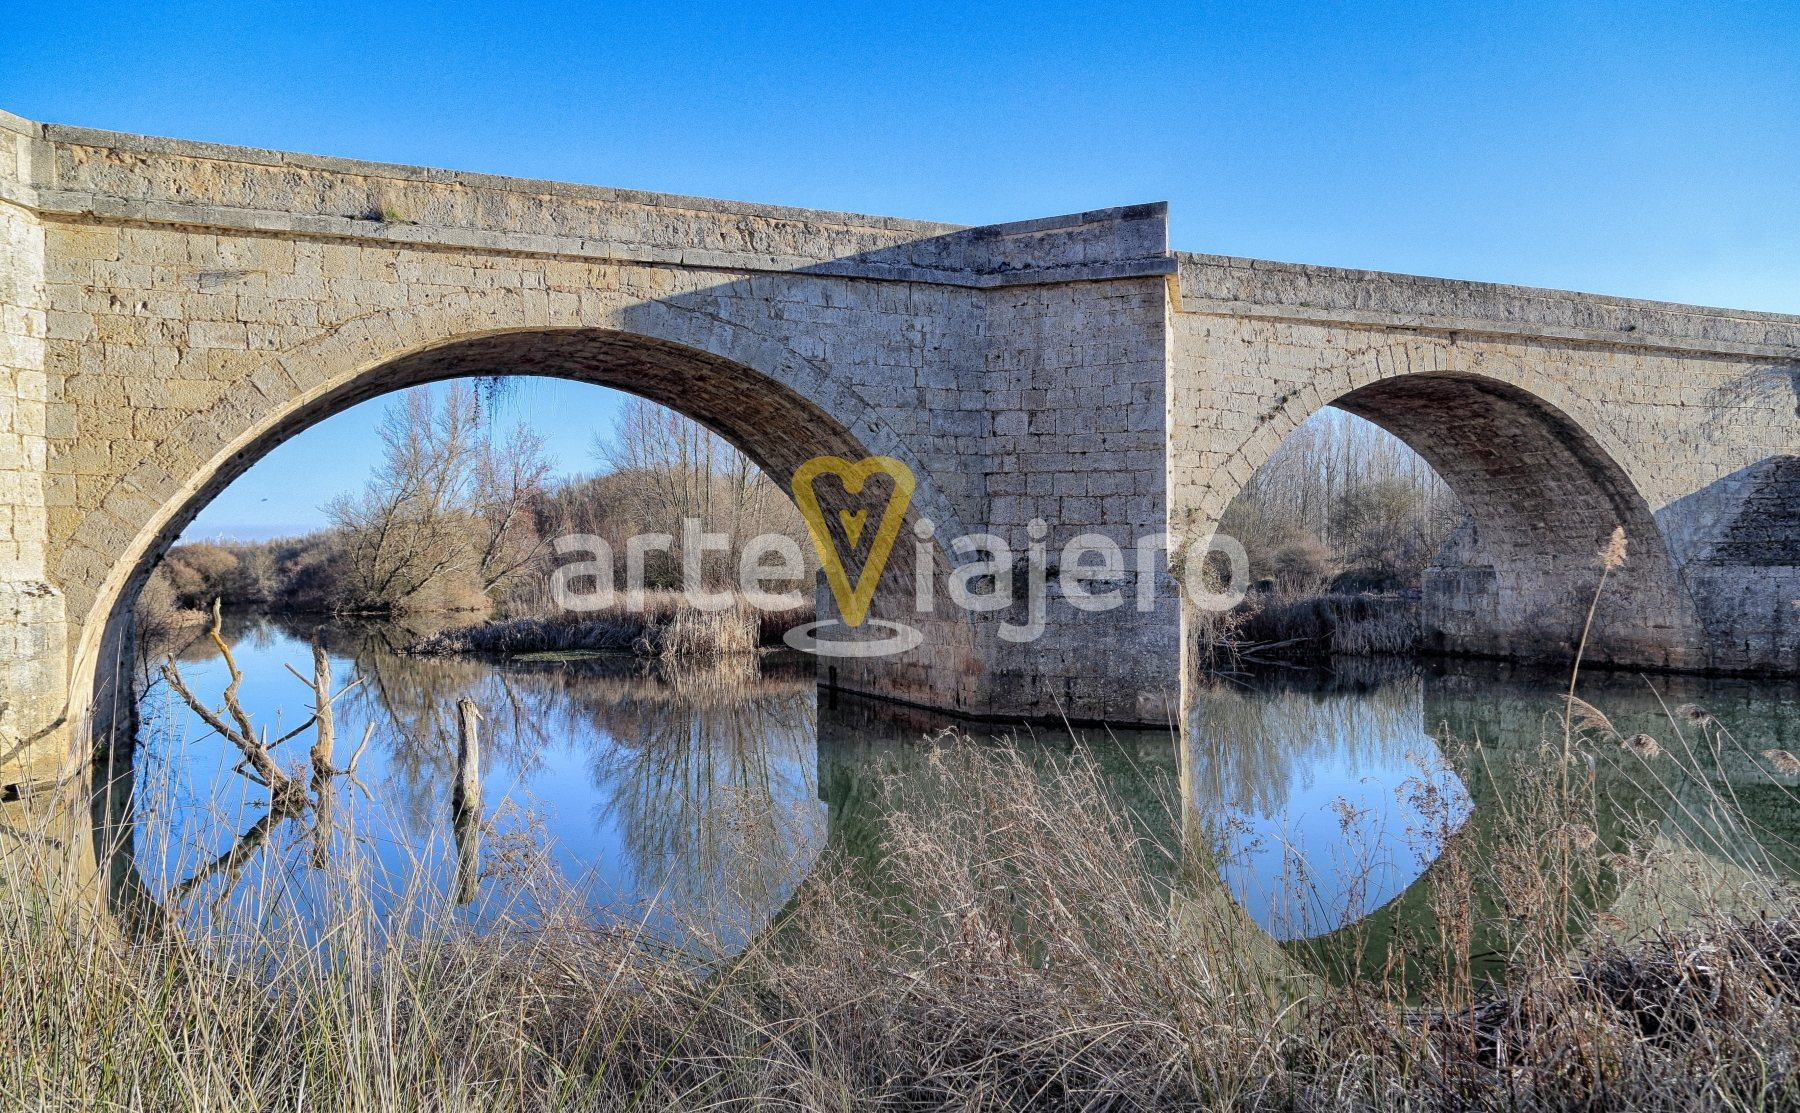 puente de itero, río pisuerga